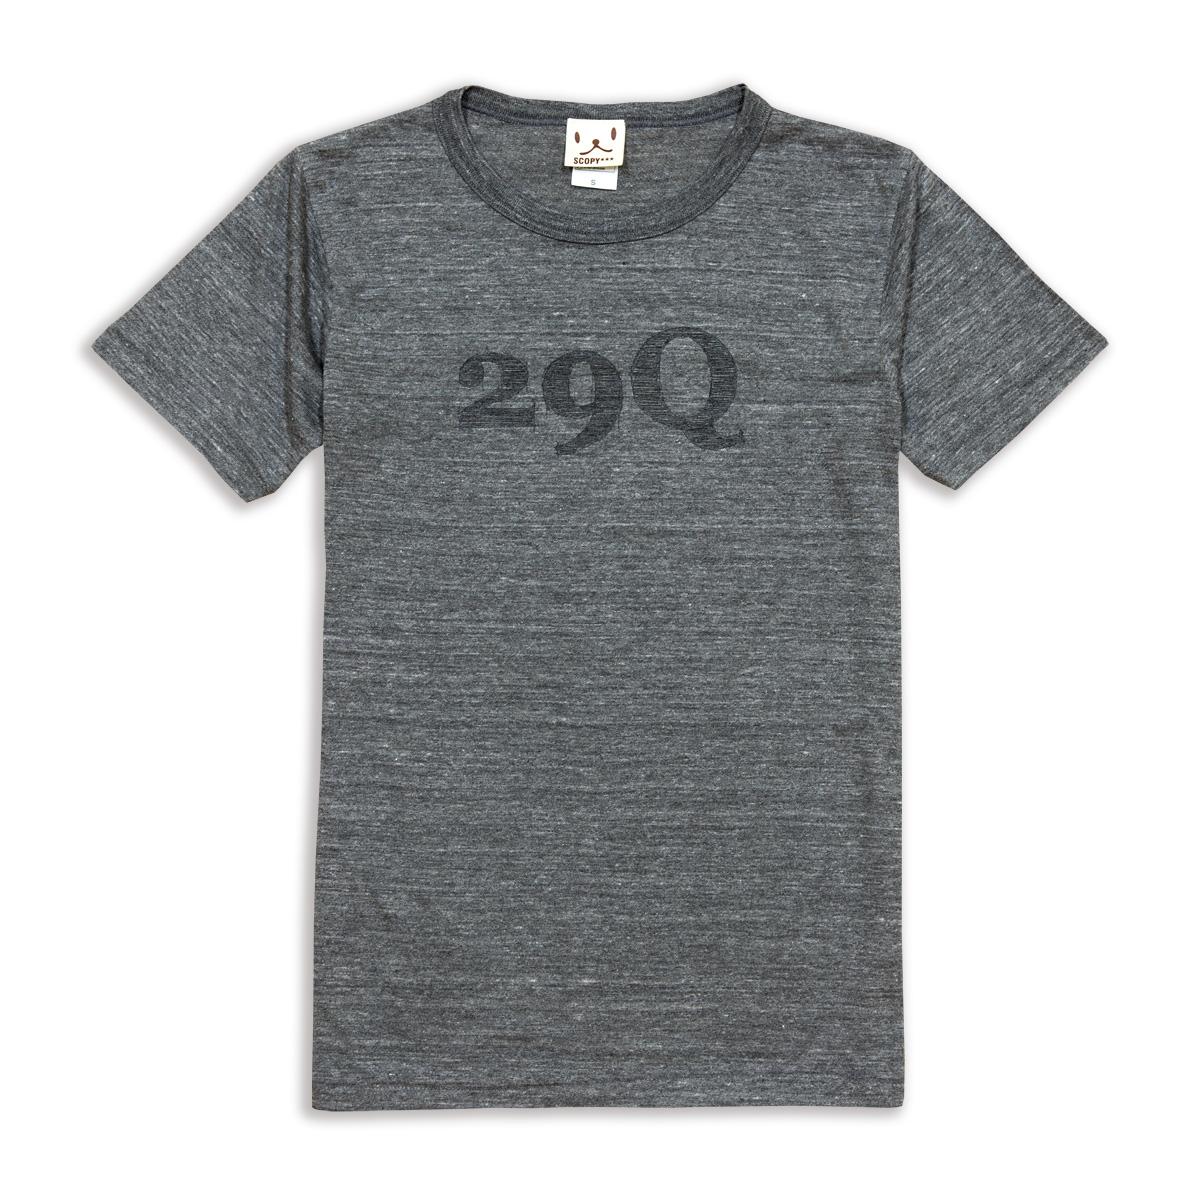 29Q(ヘザーチャコール)